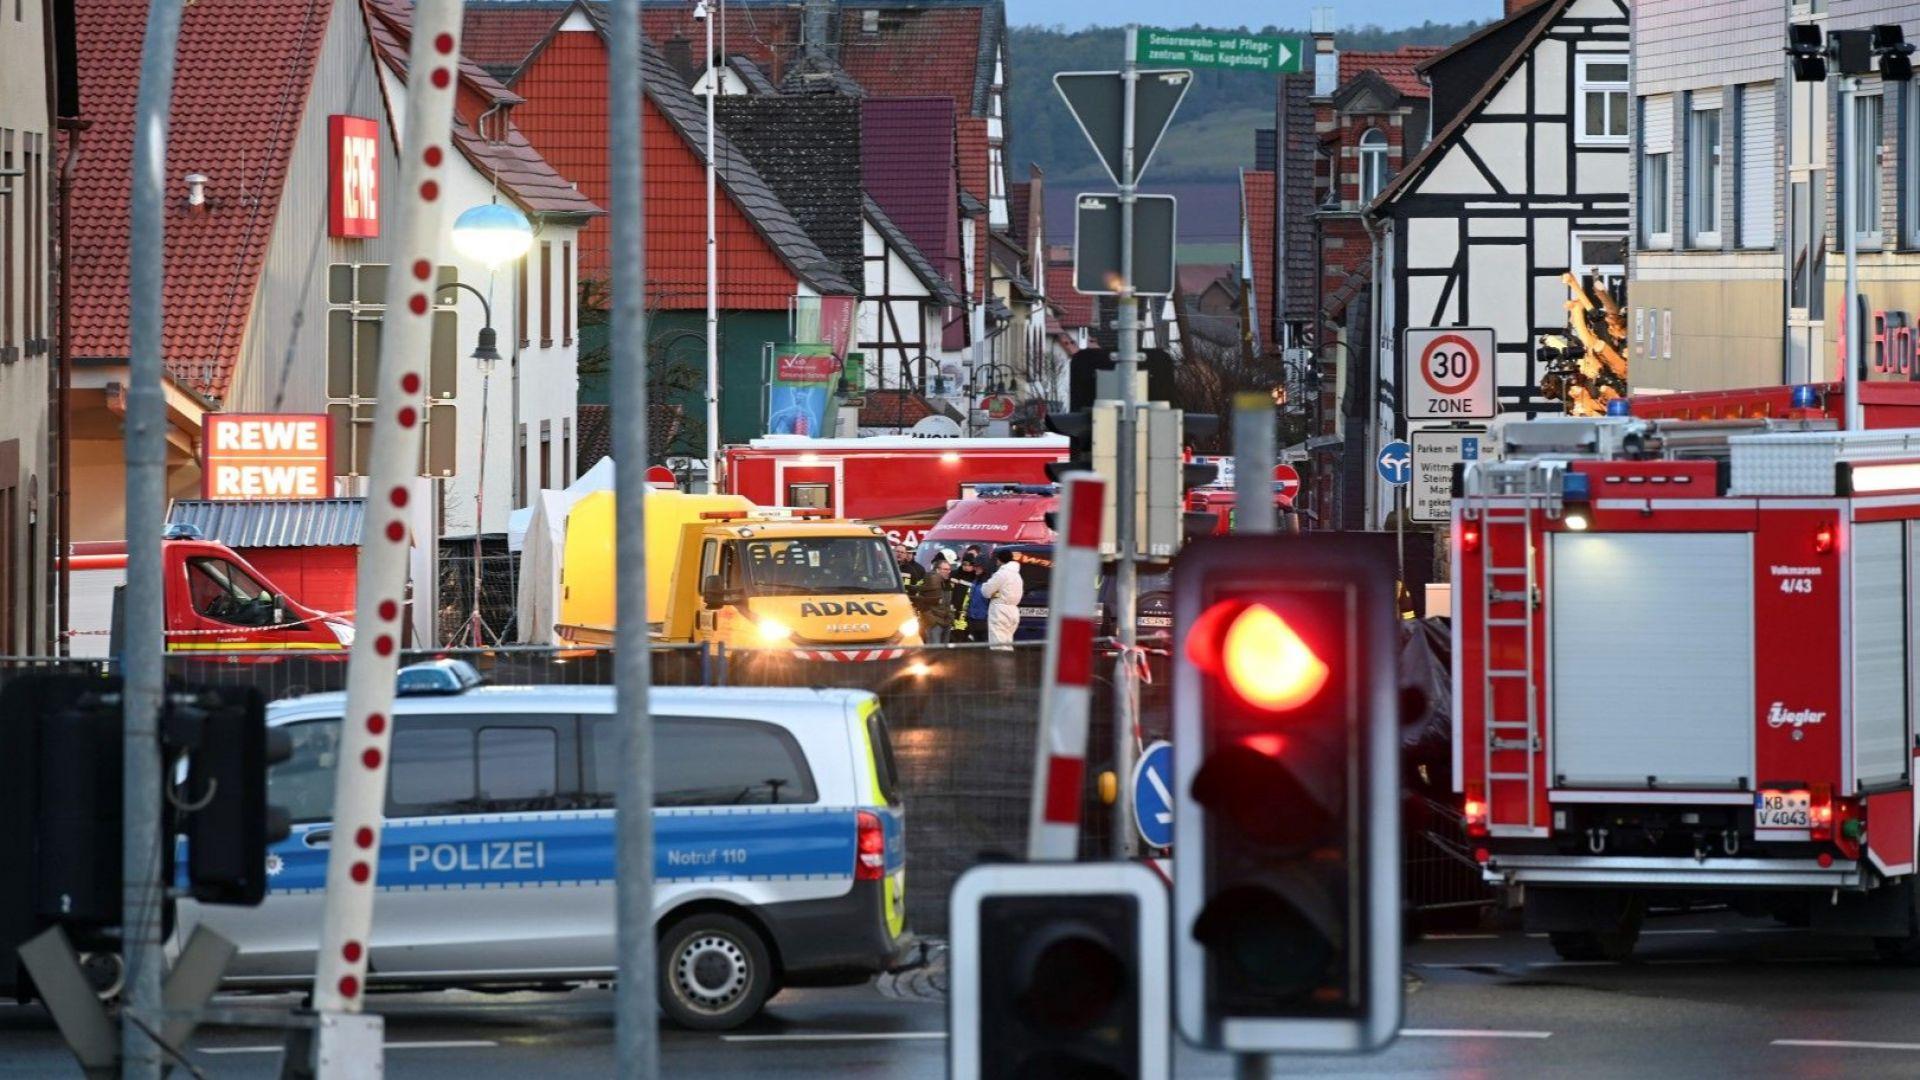 """18 деца са ранени при атаката с кола на """"Розовия понеделник"""" във Фолкмарсен"""